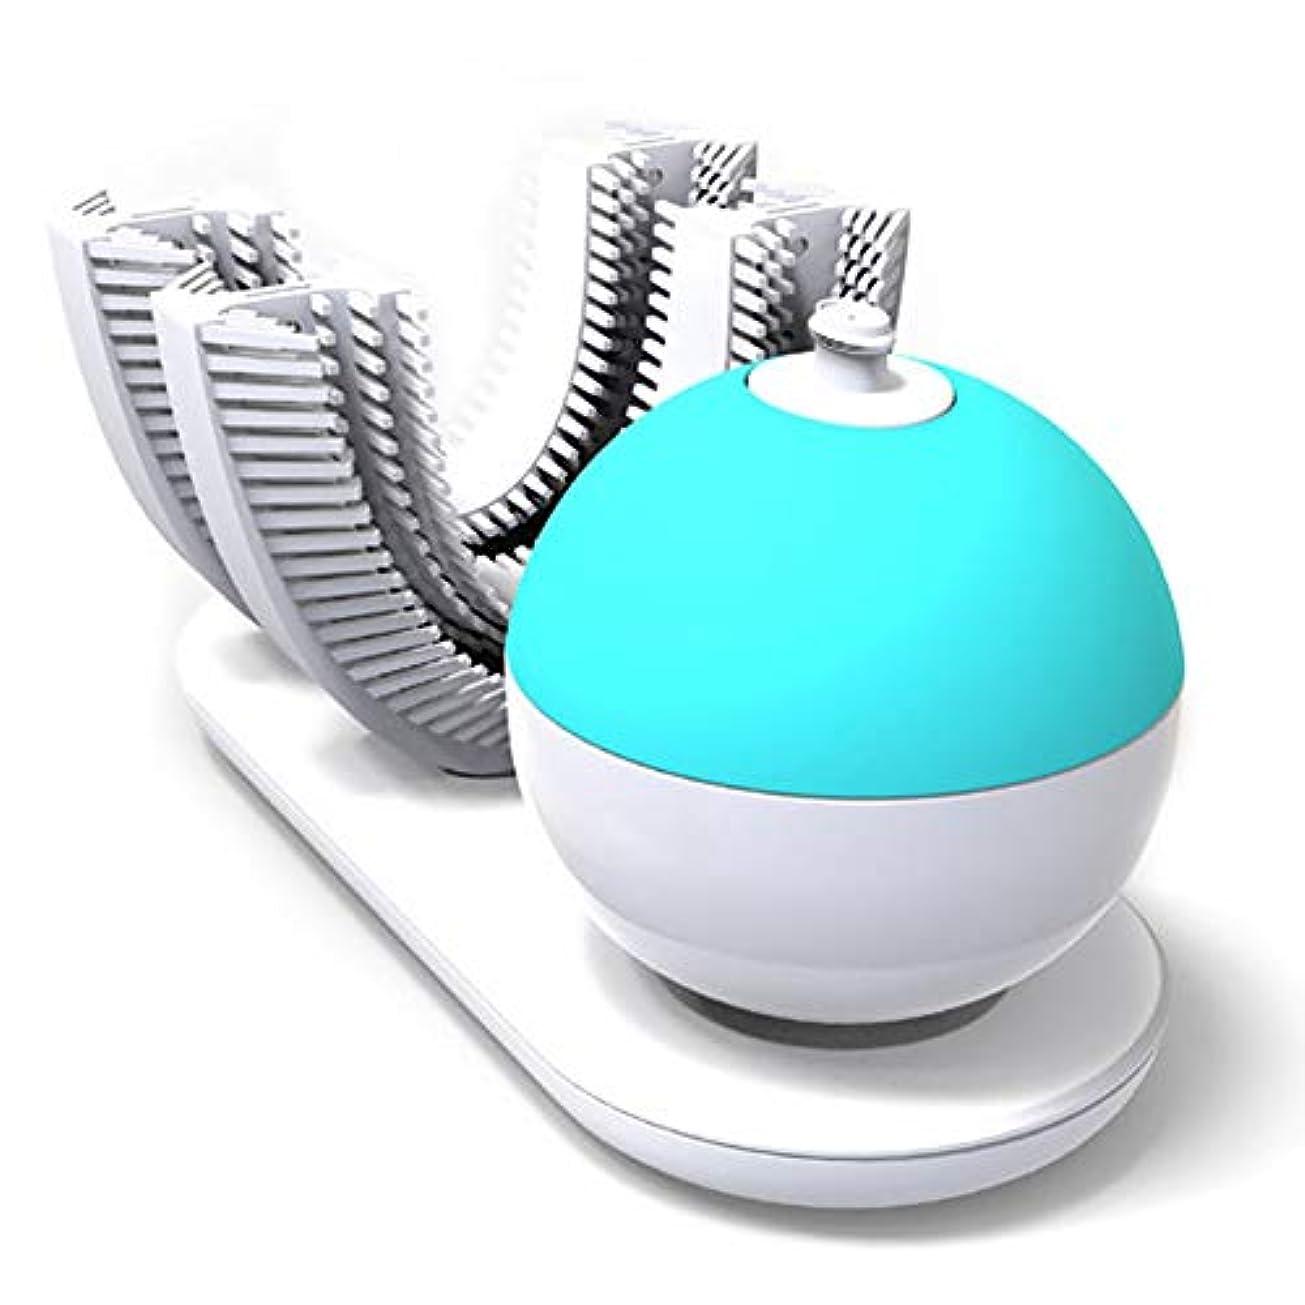 気性が欲しいどれかフルオートマチック可変周波数電動歯ブラシ、自動360度U字型電動歯ブラシ、ワイヤレス充電IPX7防水自動歯ブラシ(大人用)